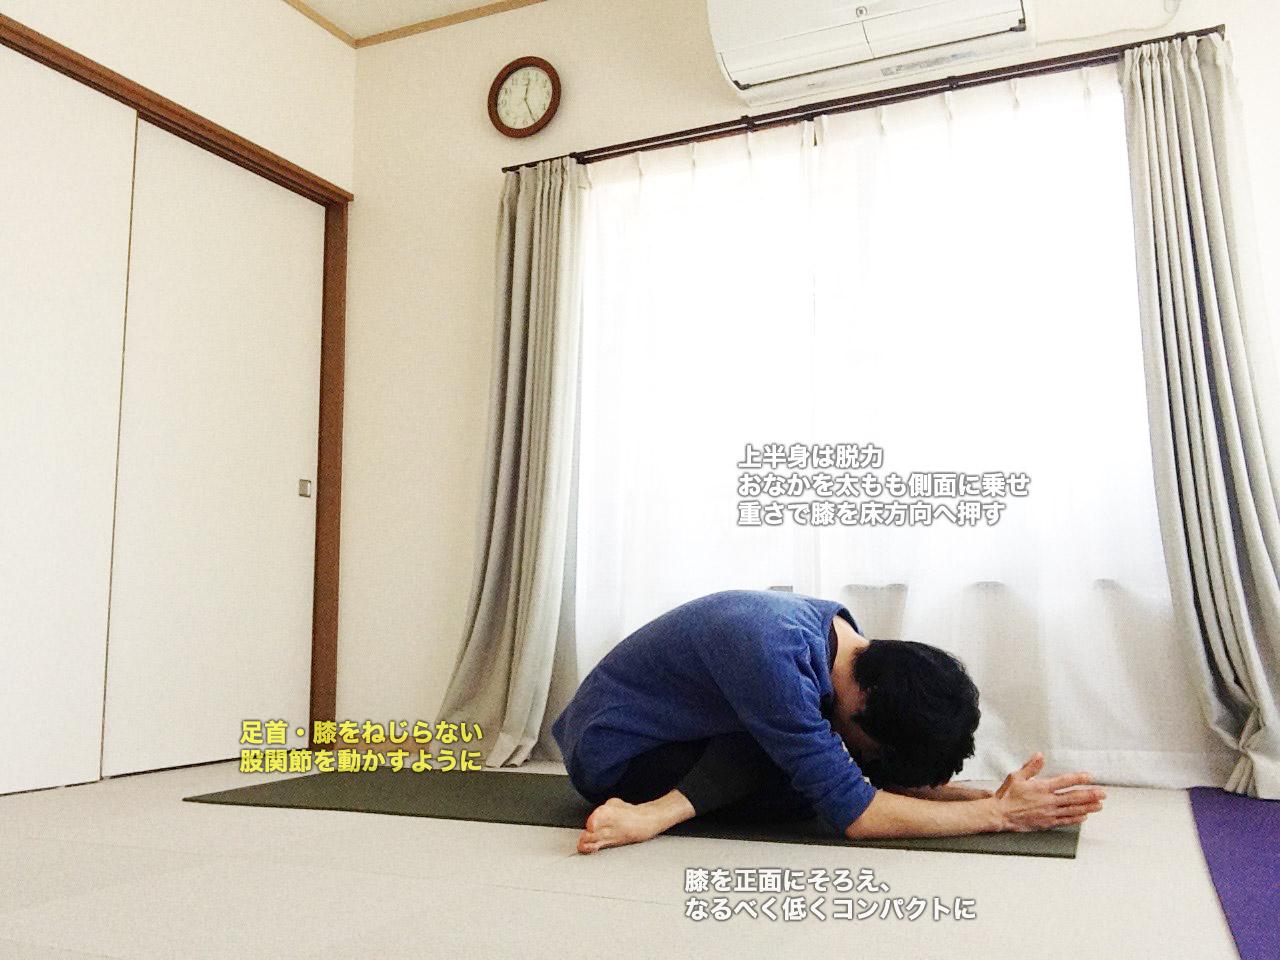 シューレースポーズ(陰ヨガ・靴紐のポーズ)〜自重を使って、股関節を深く外回し〜